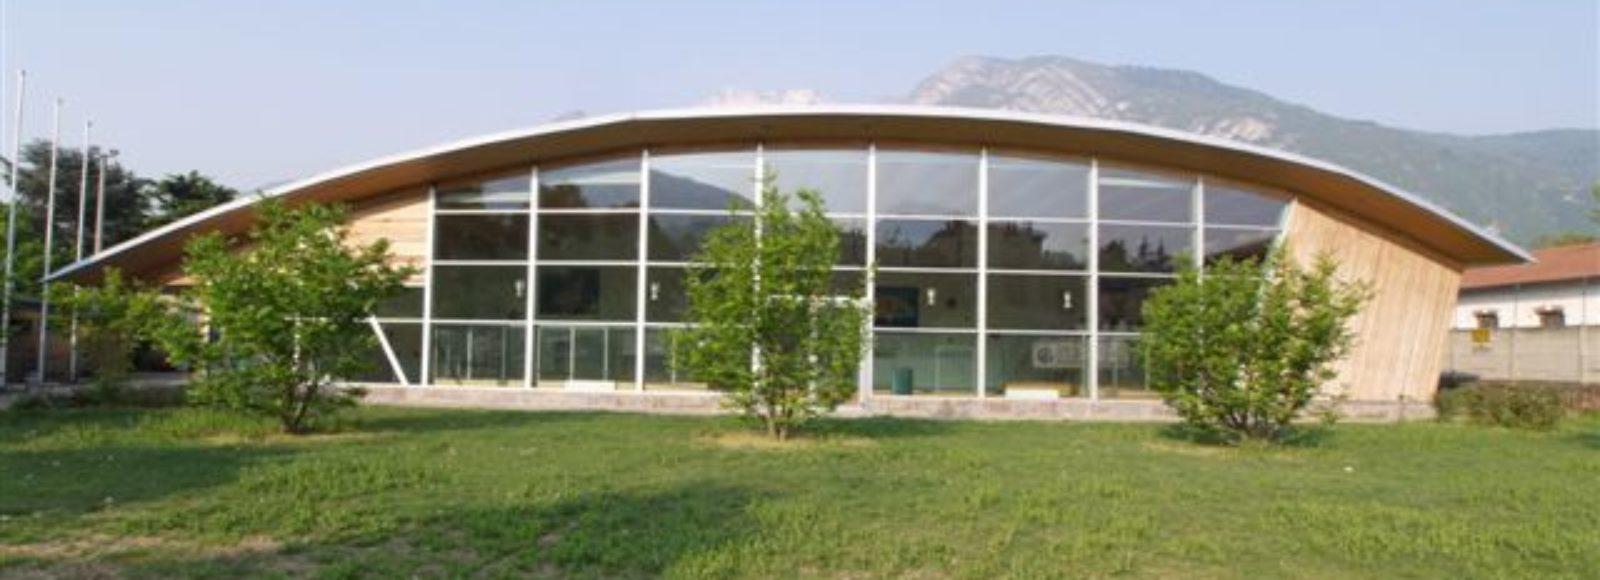 Trento - Bocciodromo